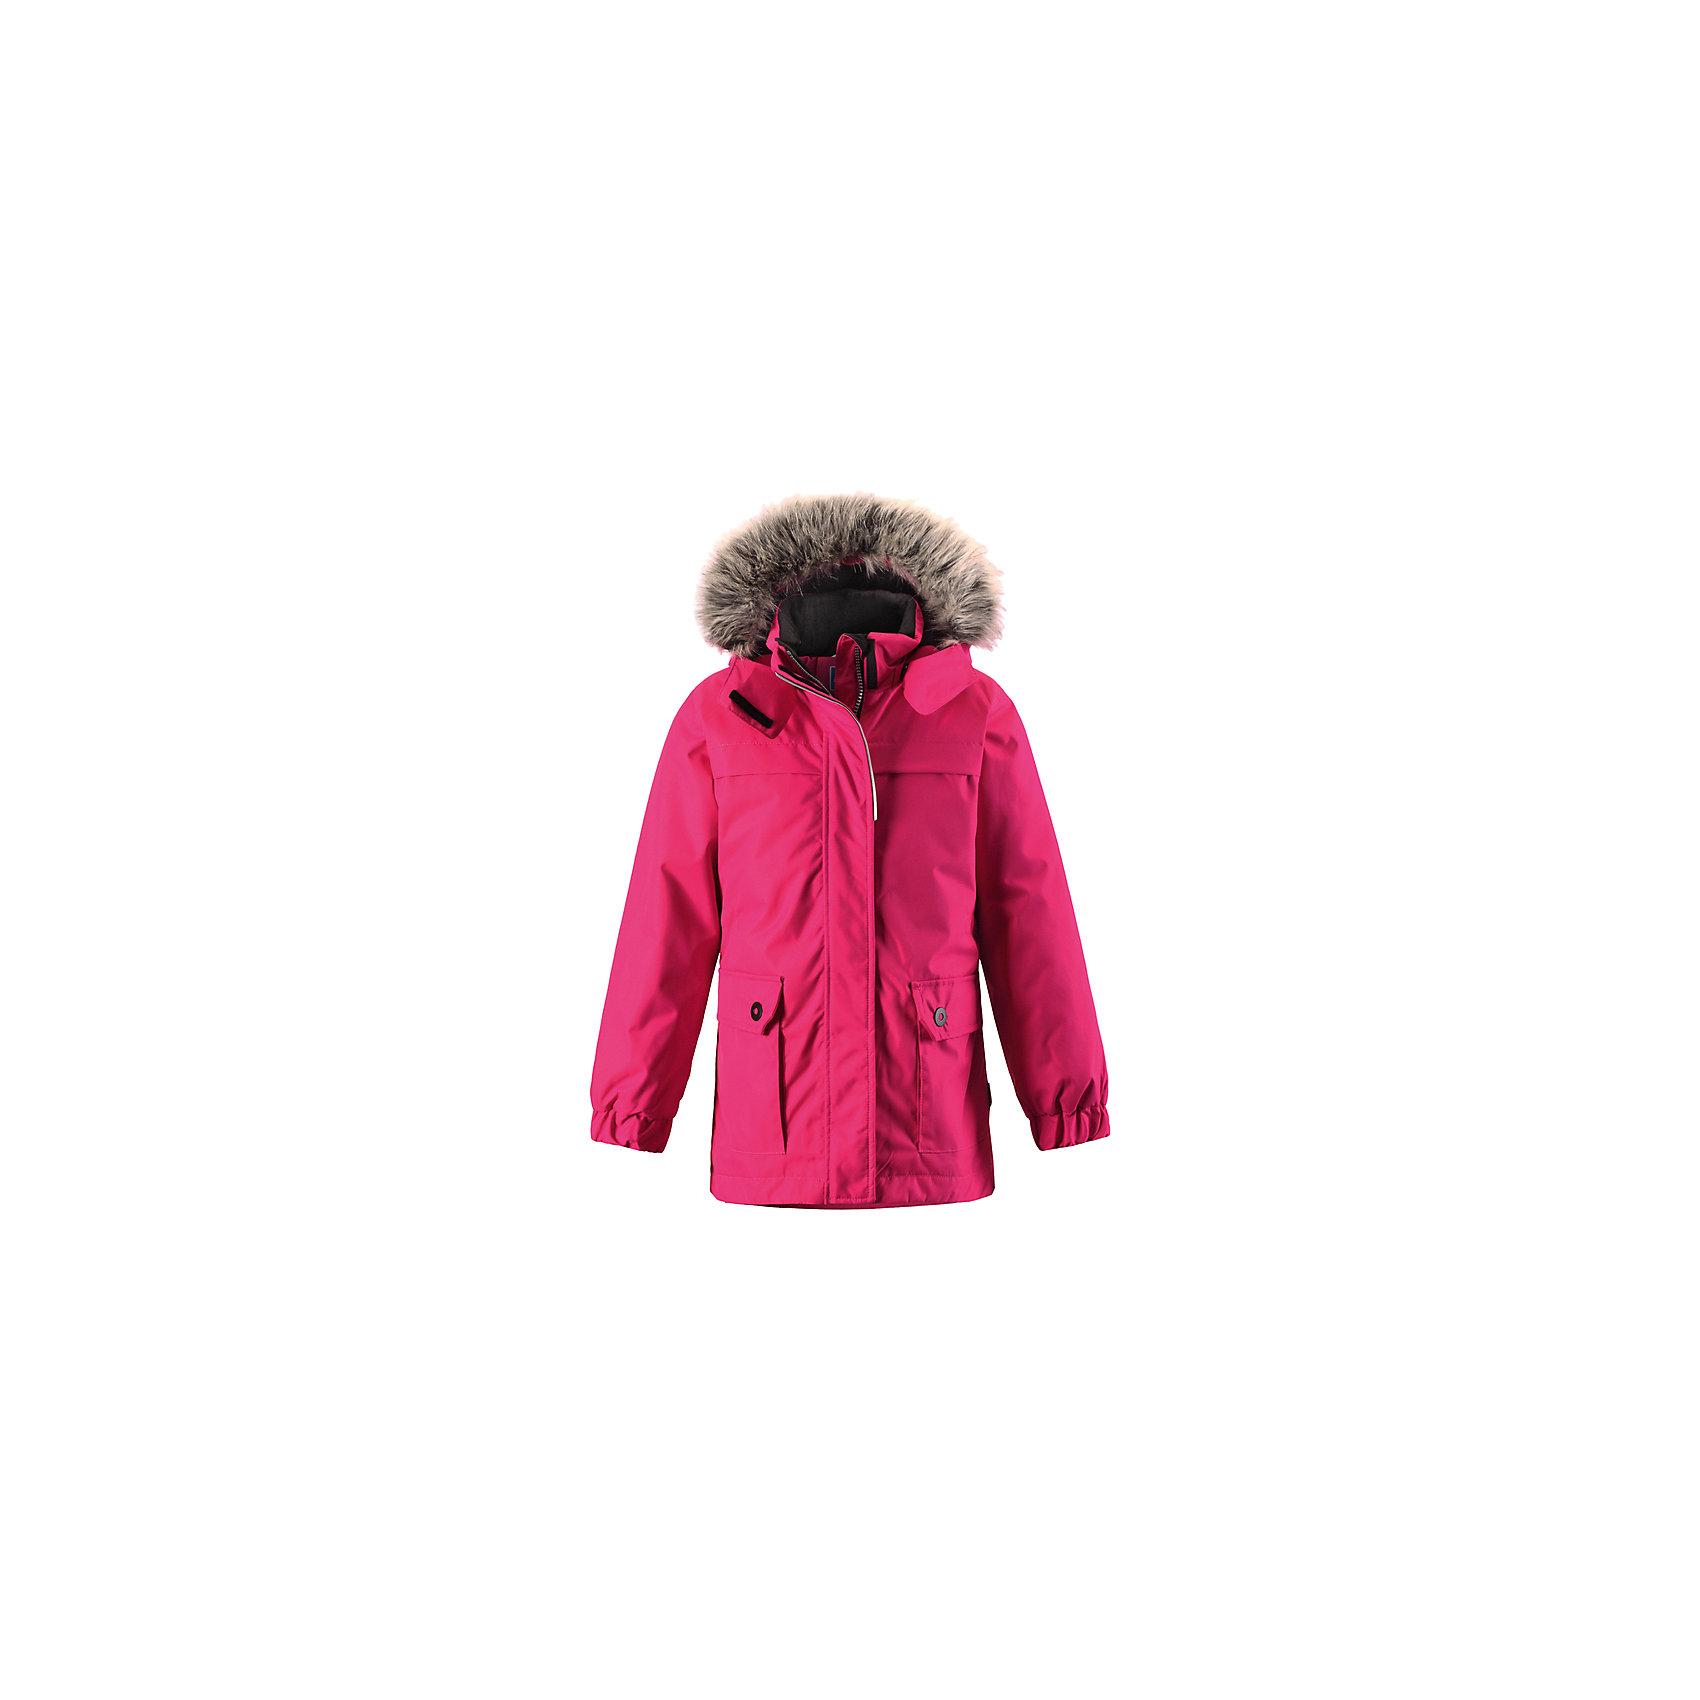 Куртка для девочки LASSIEЗимняя куртка для детей известной финской марки.<br><br>- Водоотталкивающий, ветронепроницаемый, «дышащий» и грязеотталкивающий материал.<br>- Крой для девочек.<br>- Гладкая подкладка из полиэстра.<br>- Средняя степень утепления<br>-  Безопасный съемный капюшон с отсоединяемой меховой каймой из искусственного меха. <br>- Эластичные манжеты. Регулируемый обхват талии.<br>-  Карманы с клапанами. <br><br> Рекомендации по уходу: Стирать по отдельности, вывернув наизнанку. Перед стиркой отстегните искусственный мех. Застегнуть молнии и липучки. Соблюдать температуру в соответствии с руководством по уходу. Стирать моющим средством, не содержащим отбеливающие вещества. Полоскать без специального средства. Сушение в сушильном шкафу разрешено при  низкой температуре.<br><br>Состав: 100% Полиамид, полиуретановое покрытие.  Утеплитель «Lassie wadding» 180гр.<br><br>Ширина мм: 356<br>Глубина мм: 10<br>Высота мм: 245<br>Вес г: 519<br>Цвет: малиновый<br>Возраст от месяцев: 18<br>Возраст до месяцев: 24<br>Пол: Женский<br>Возраст: Детский<br>Размер: 140,92,134,128,122,116,110,104,98<br>SKU: 4782318